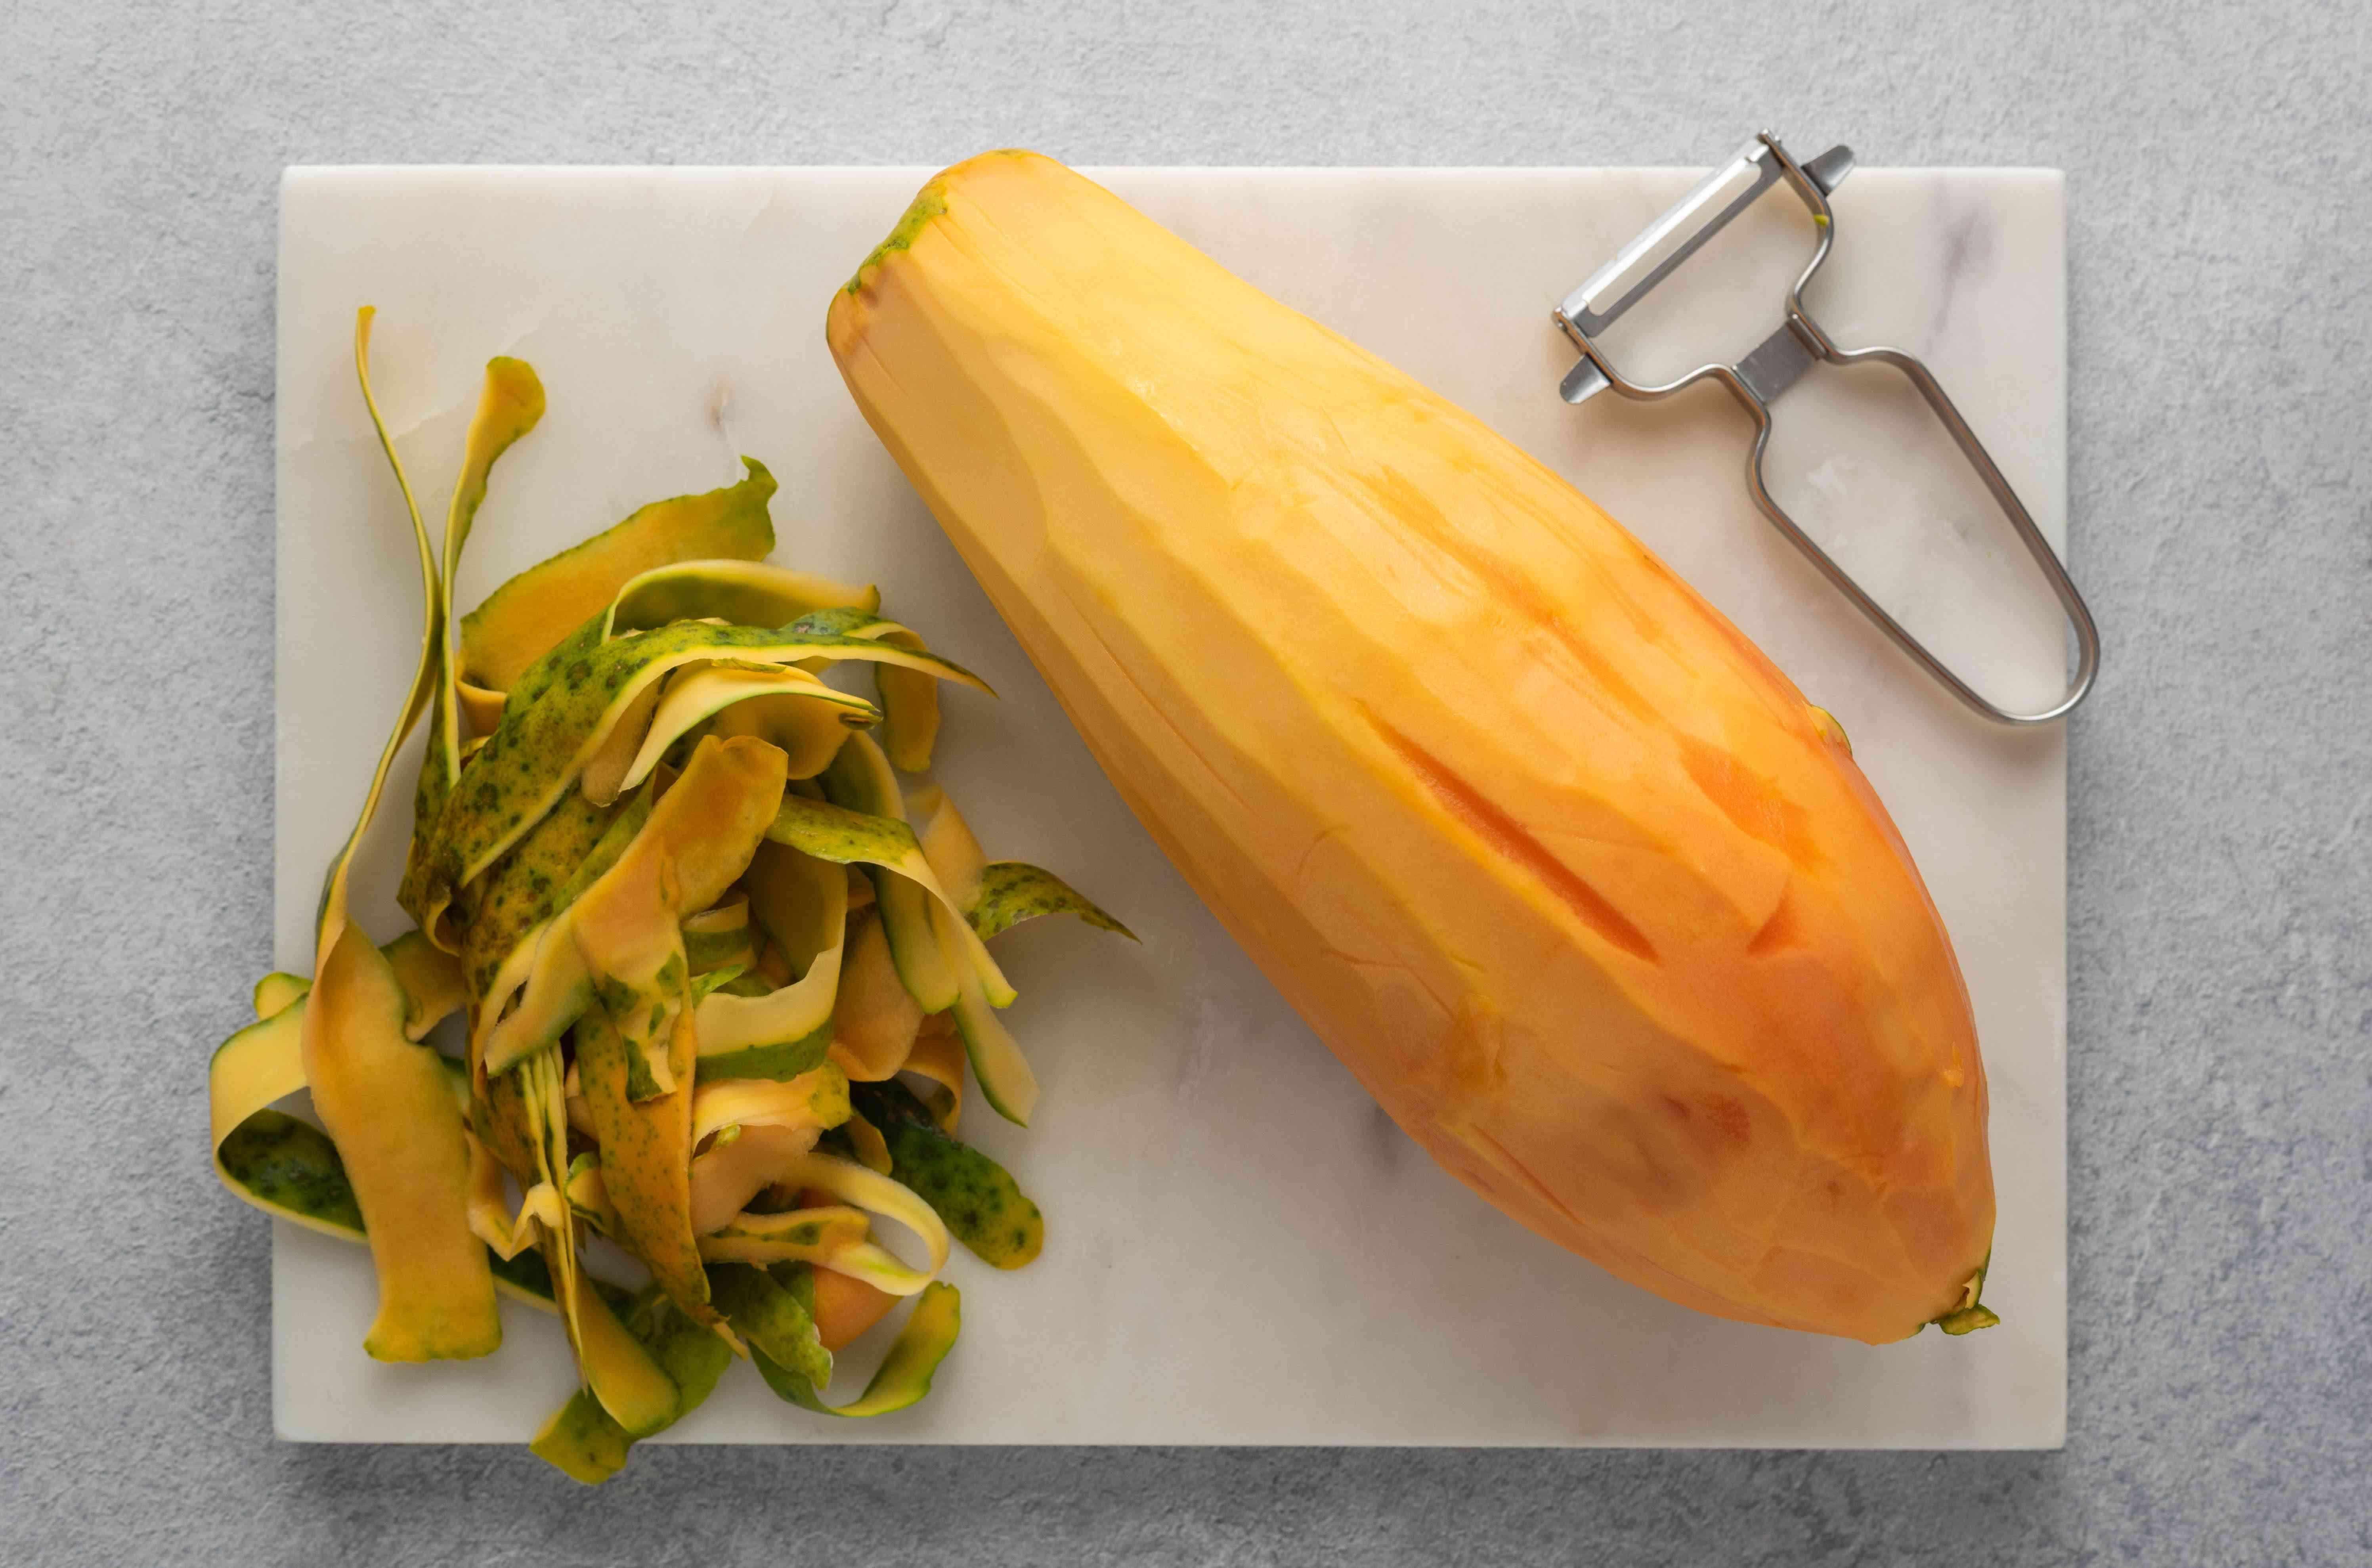 peel papaya with vegetable peeler